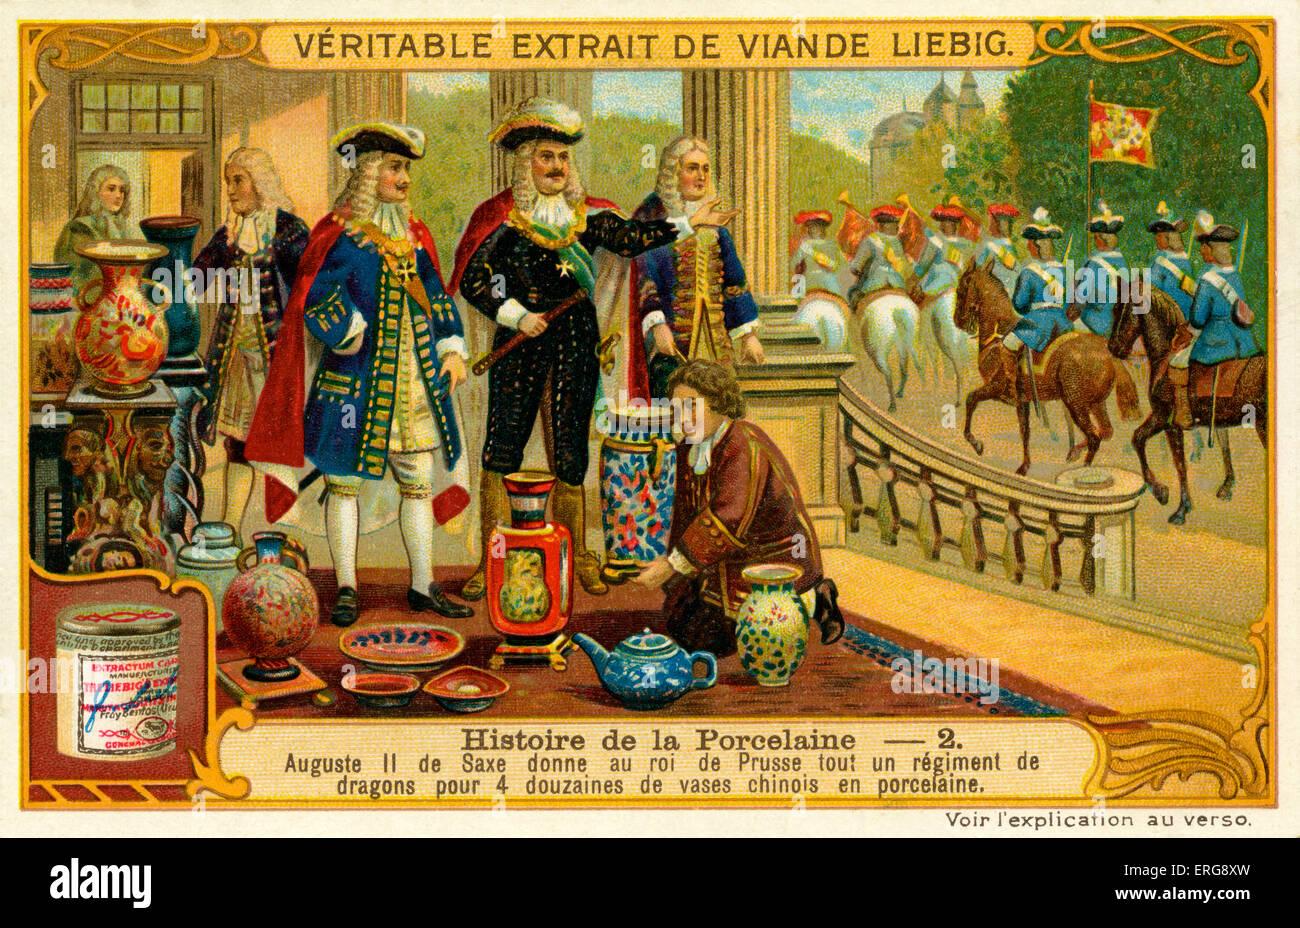 Il principe Augusto II di Sassonia diede un intero reggimento di armati e dotato dragoni al re di Prussia in cambio Immagini Stock